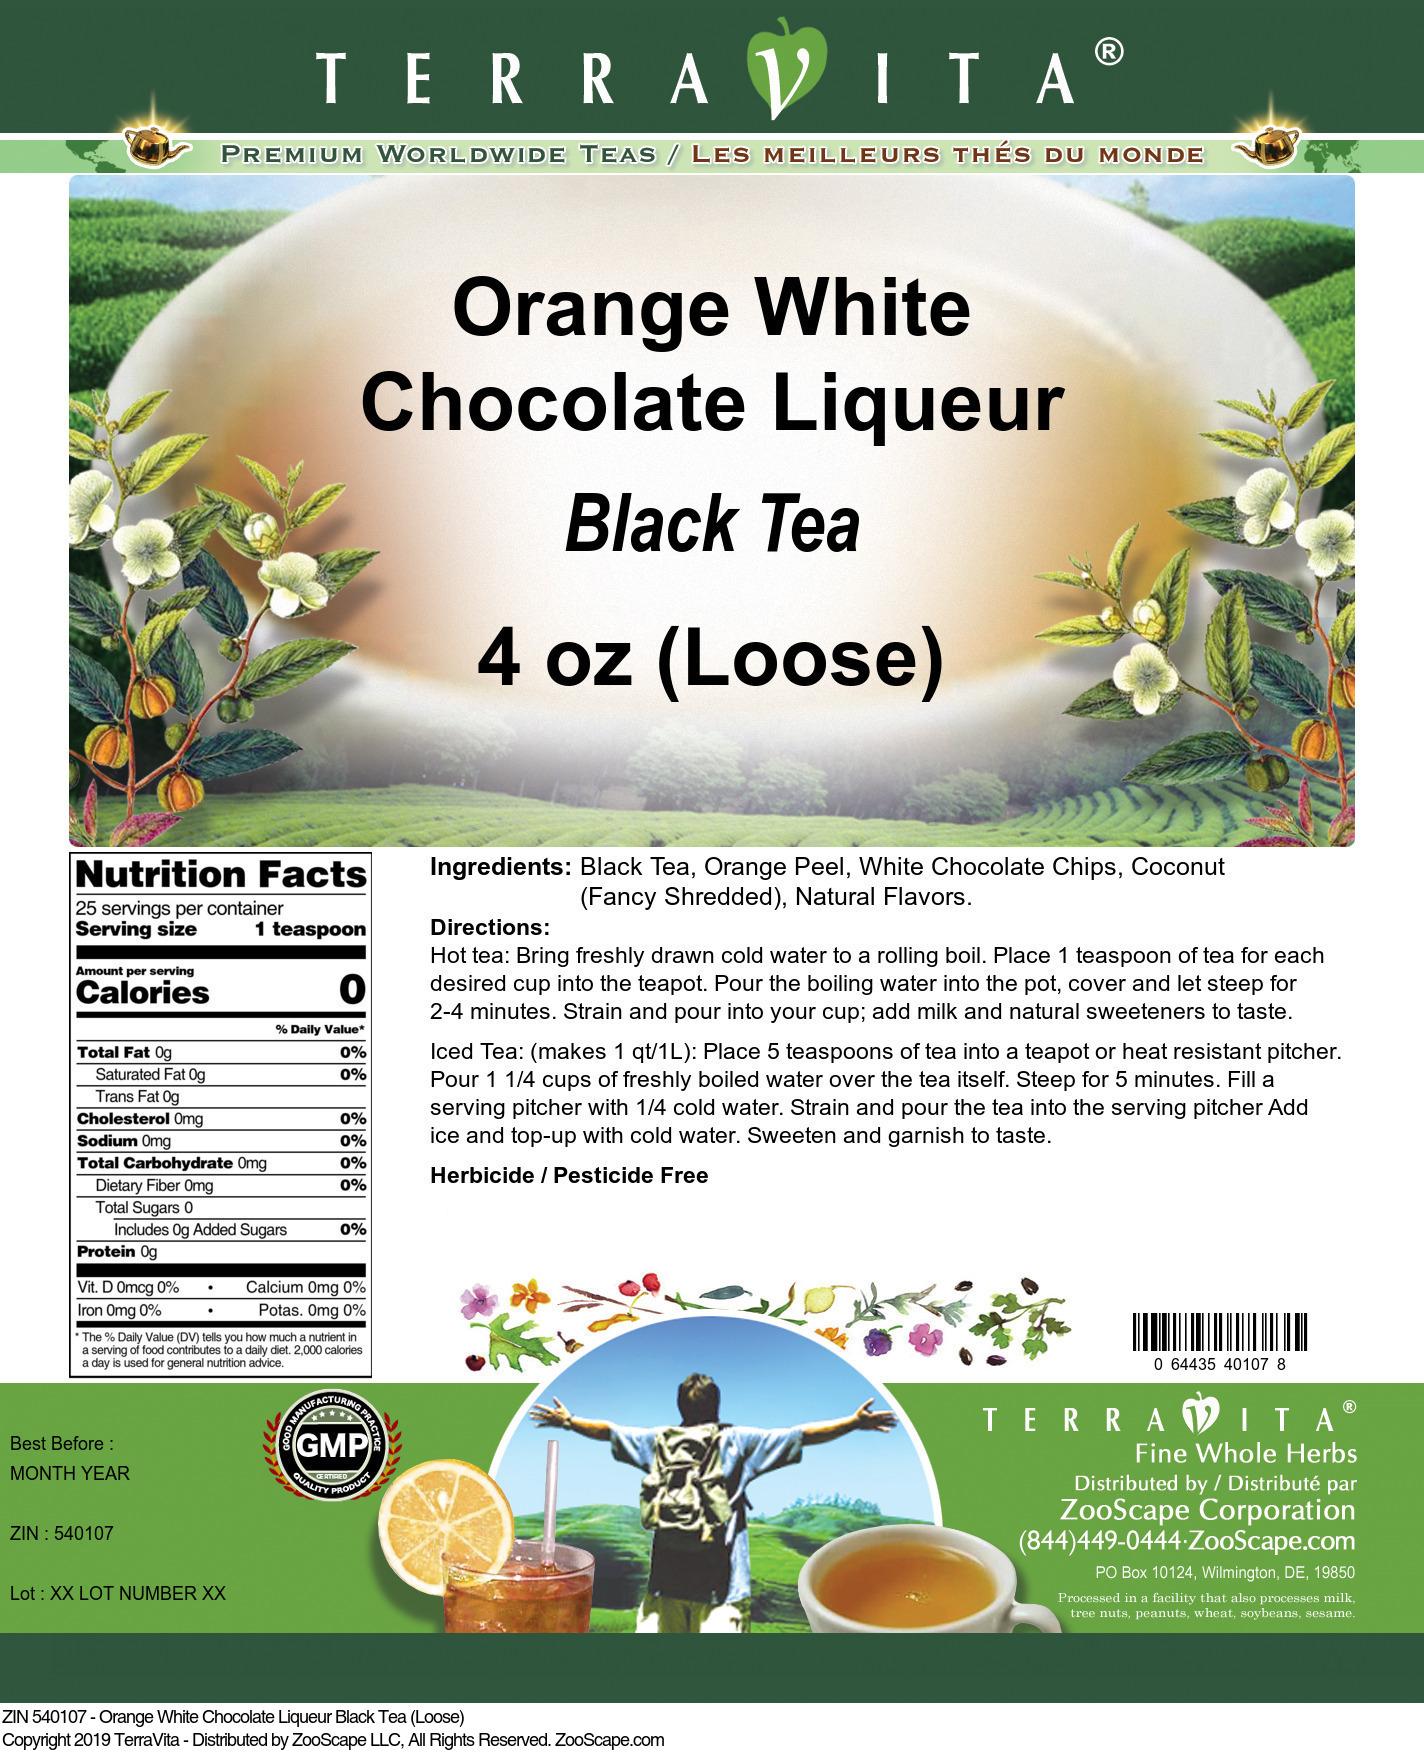 Orange White Chocolate Liqueur Black Tea (Loose)